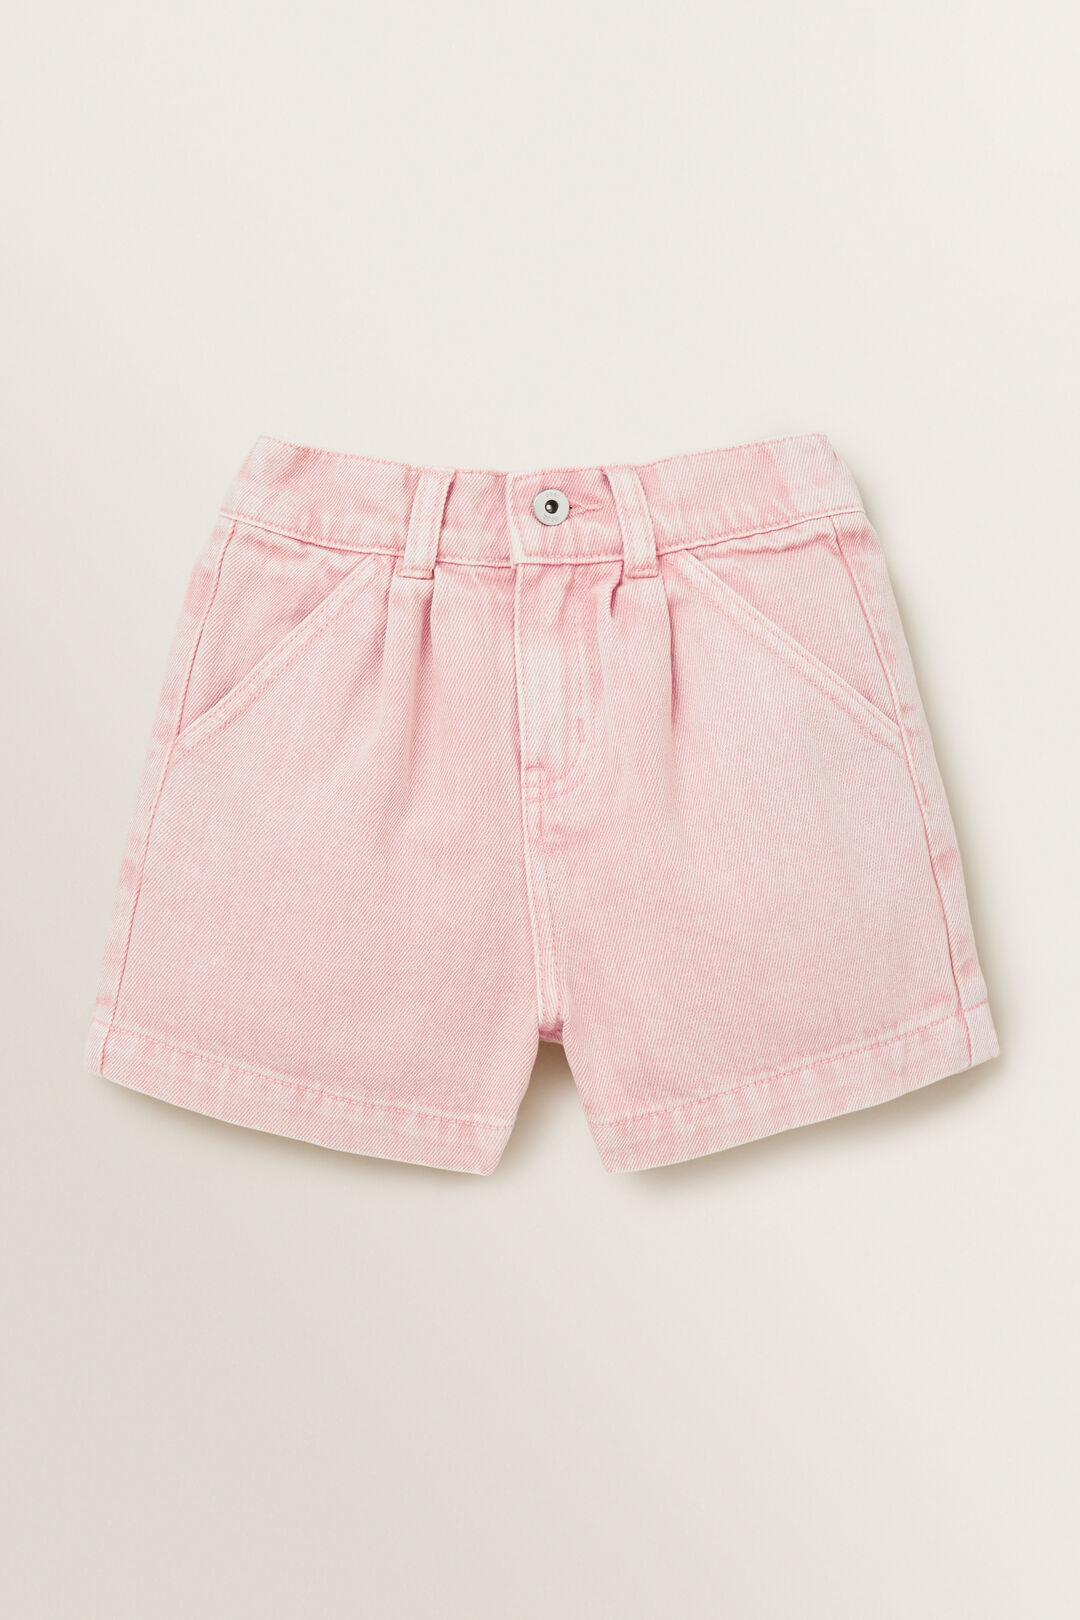 Bermuda Shorts  BLUSH  hi-res